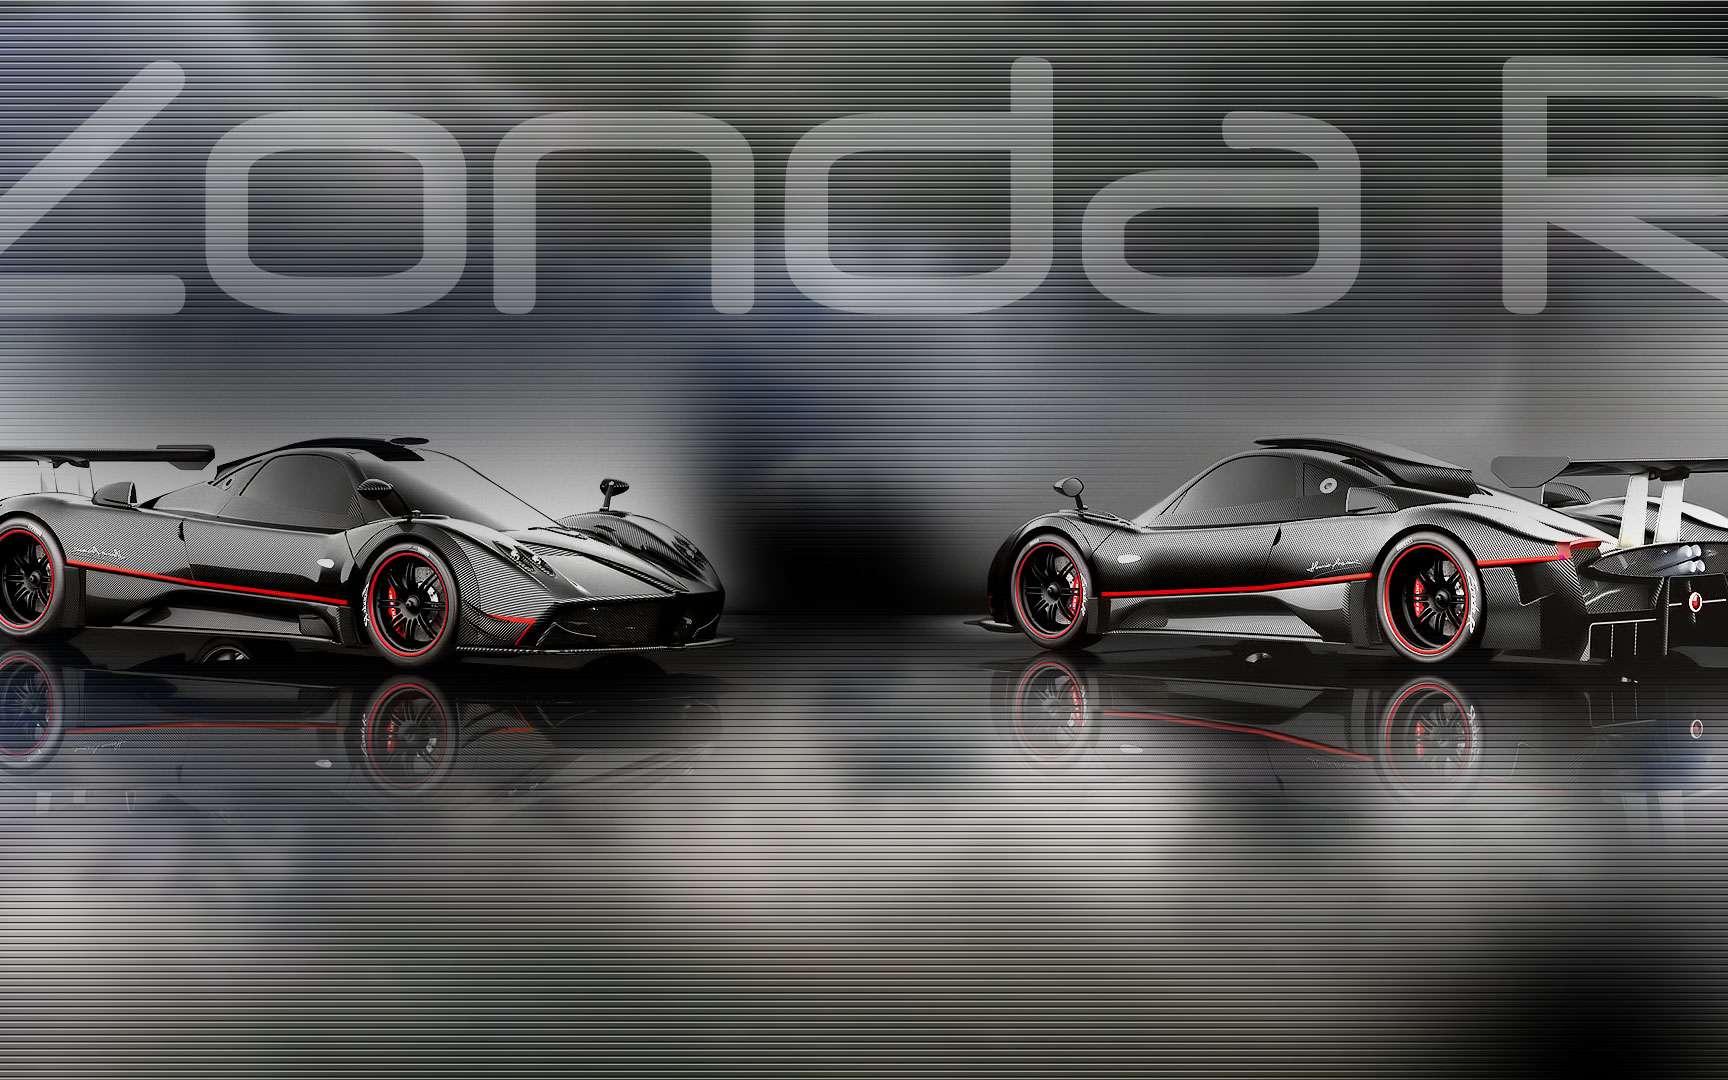 La Pagani Zonda R, une célèbre italienne. Produite depuis 1999, la Pagani Zonda est une voiture italienne de la marque Pagani. Elle est principalement composée de matériaux à base de fibres de carbone et existe en plusieurs versions : coupé et roadster. Zonda vient du nom d'un vent soufflant dans la cordillère des Andes d'où sont originaires Horacio Pagani, le fondateur de la marque, et Juan Manuel Fangio, un champion de Formule 1 qui a assuré une partie du développement de la voiture. En photos, une Pagani Zonda R. Années de production : depuis 1999. © Damiano.46, Wikimedia Commons, CC by-sa 3.0